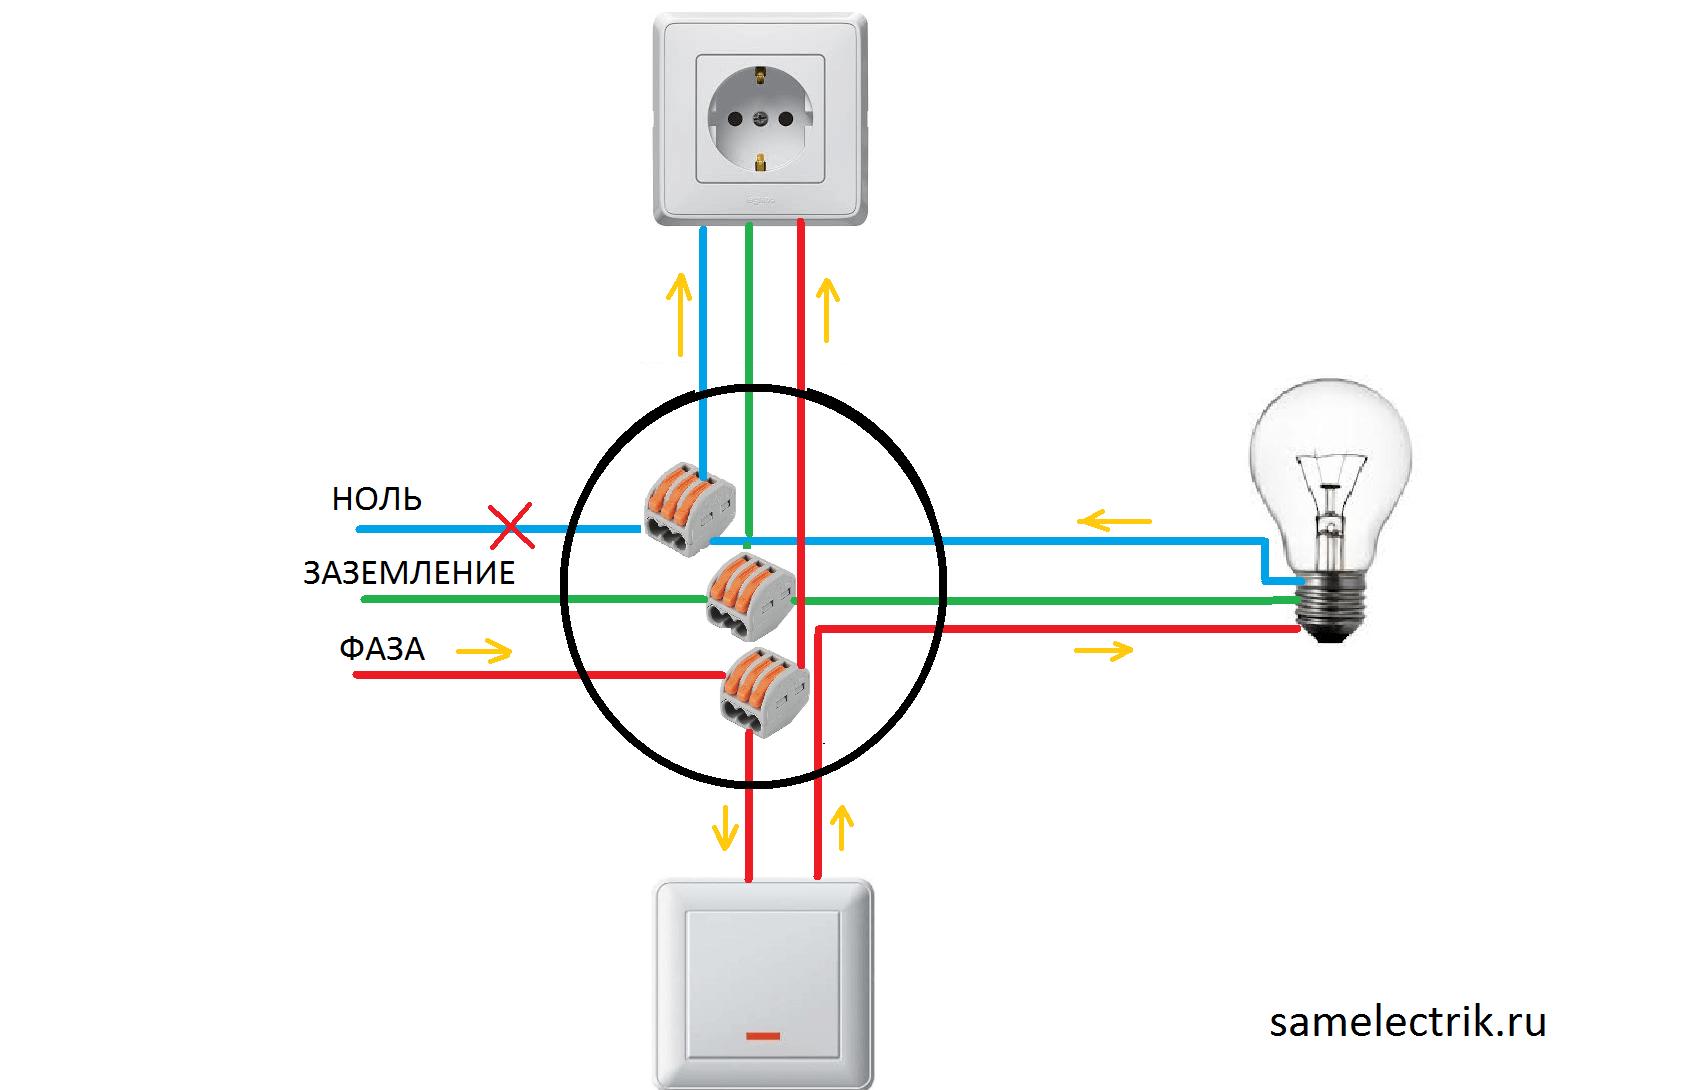 Схема фаза на лампочке